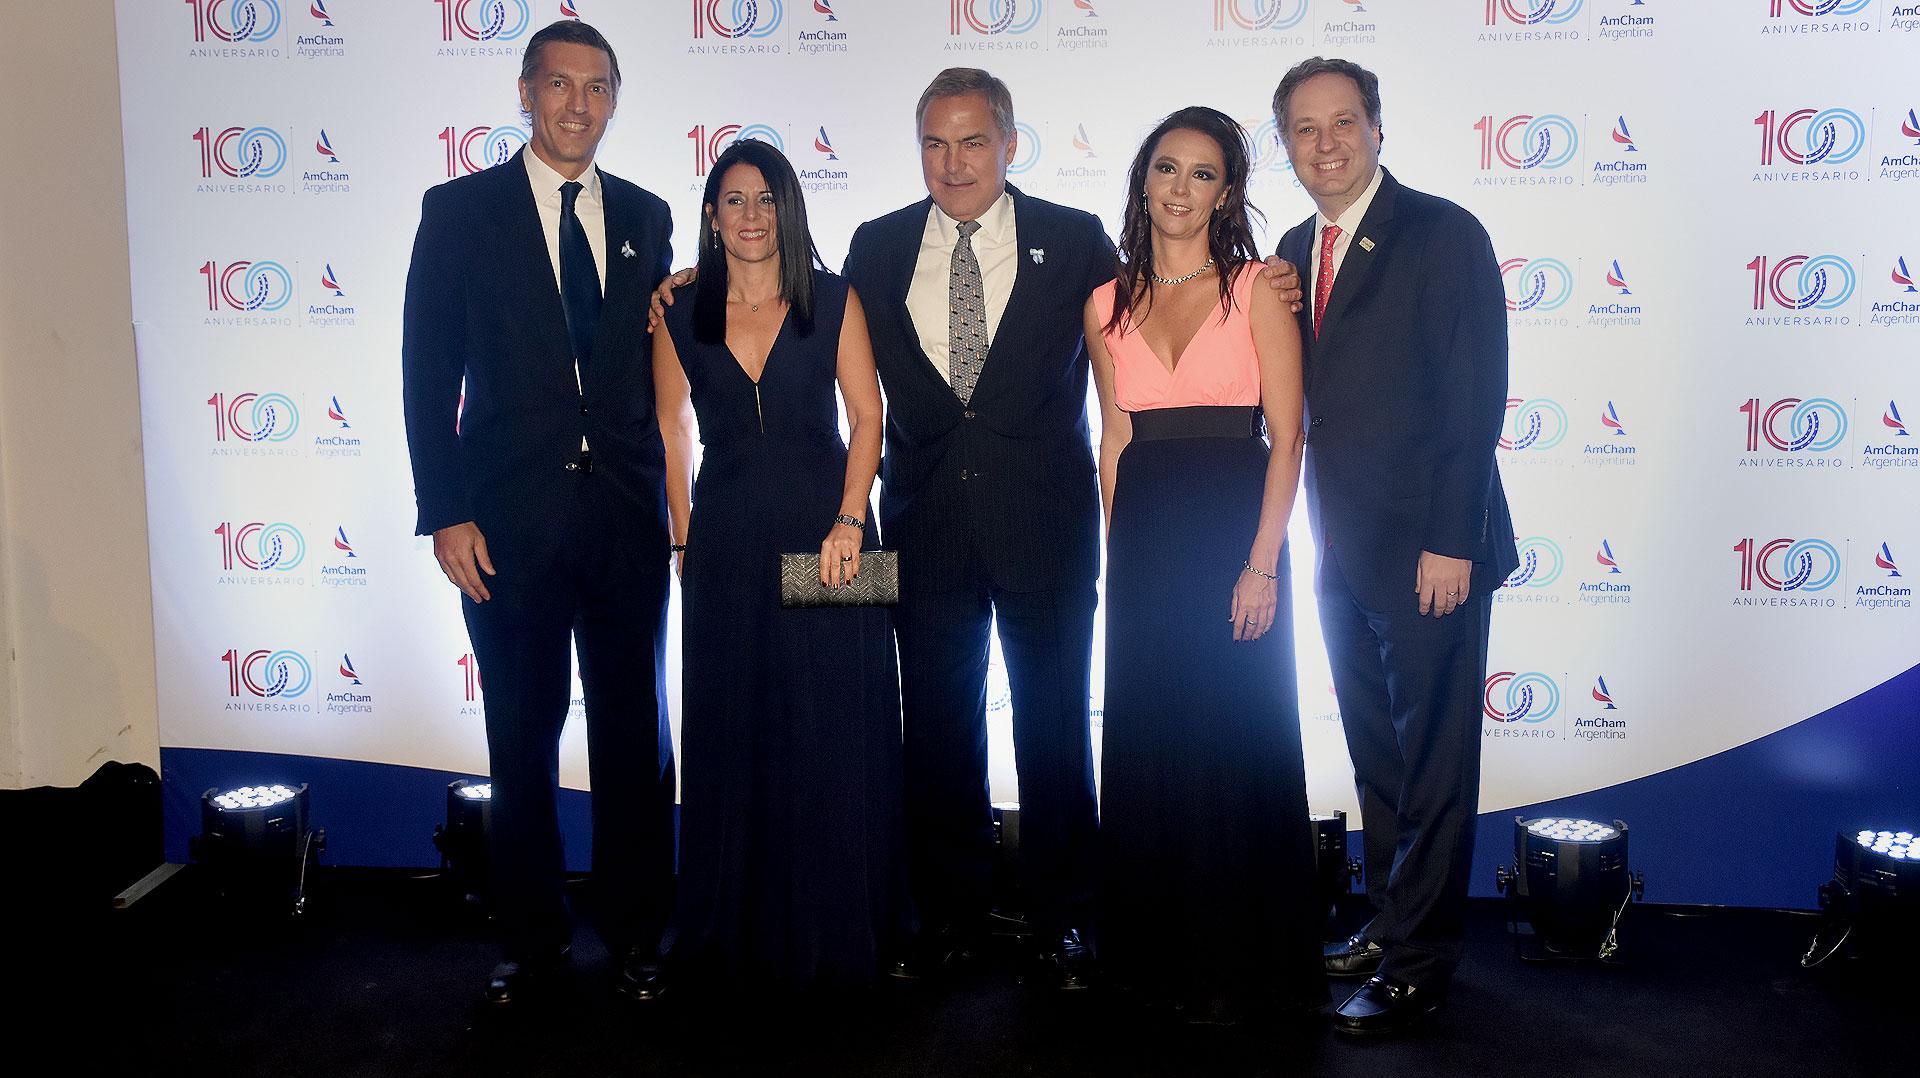 Facundo Gómez Minujín (JP Morgan y miembro del board de AmCham), Verónica Reyes, Manuel Aguirre, Florencia Salvi y Christoff Pope (United Airlines)